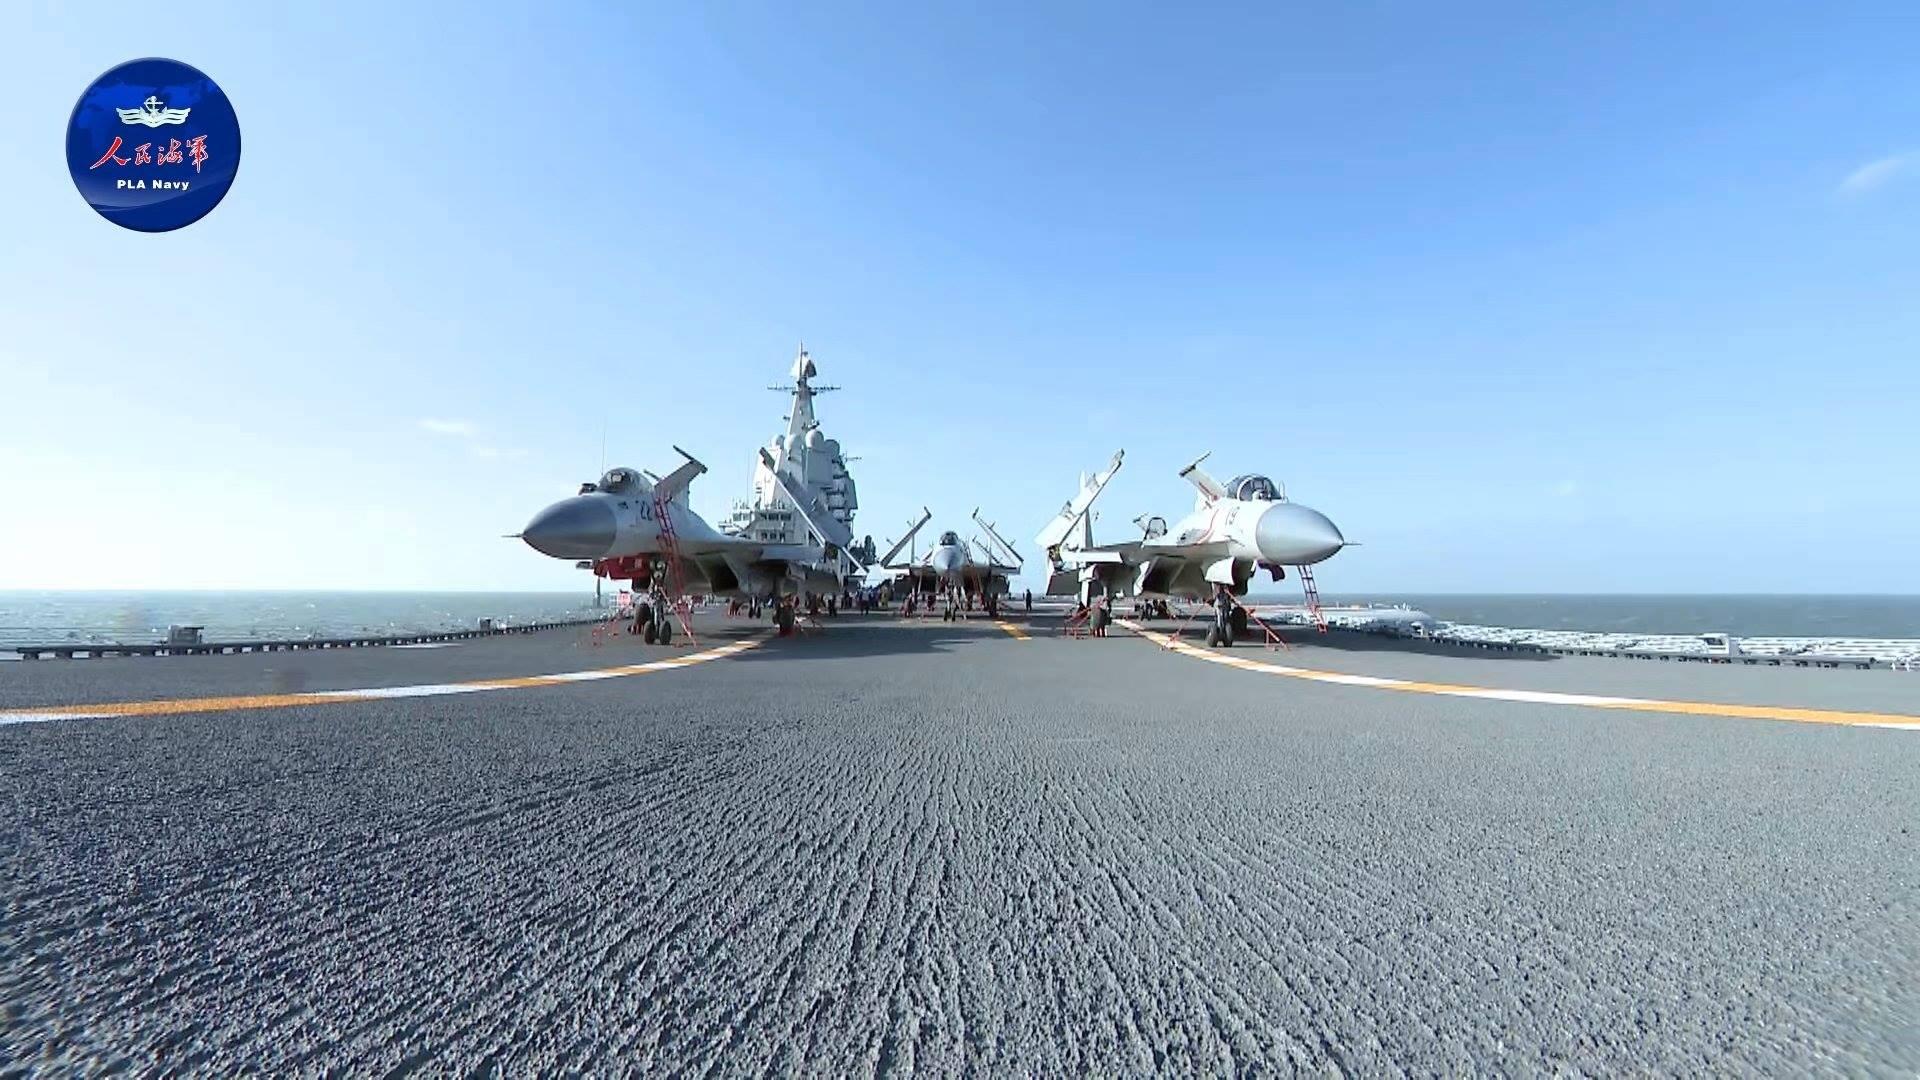 国产航母赴南海训练画面公开这些细节值得关注